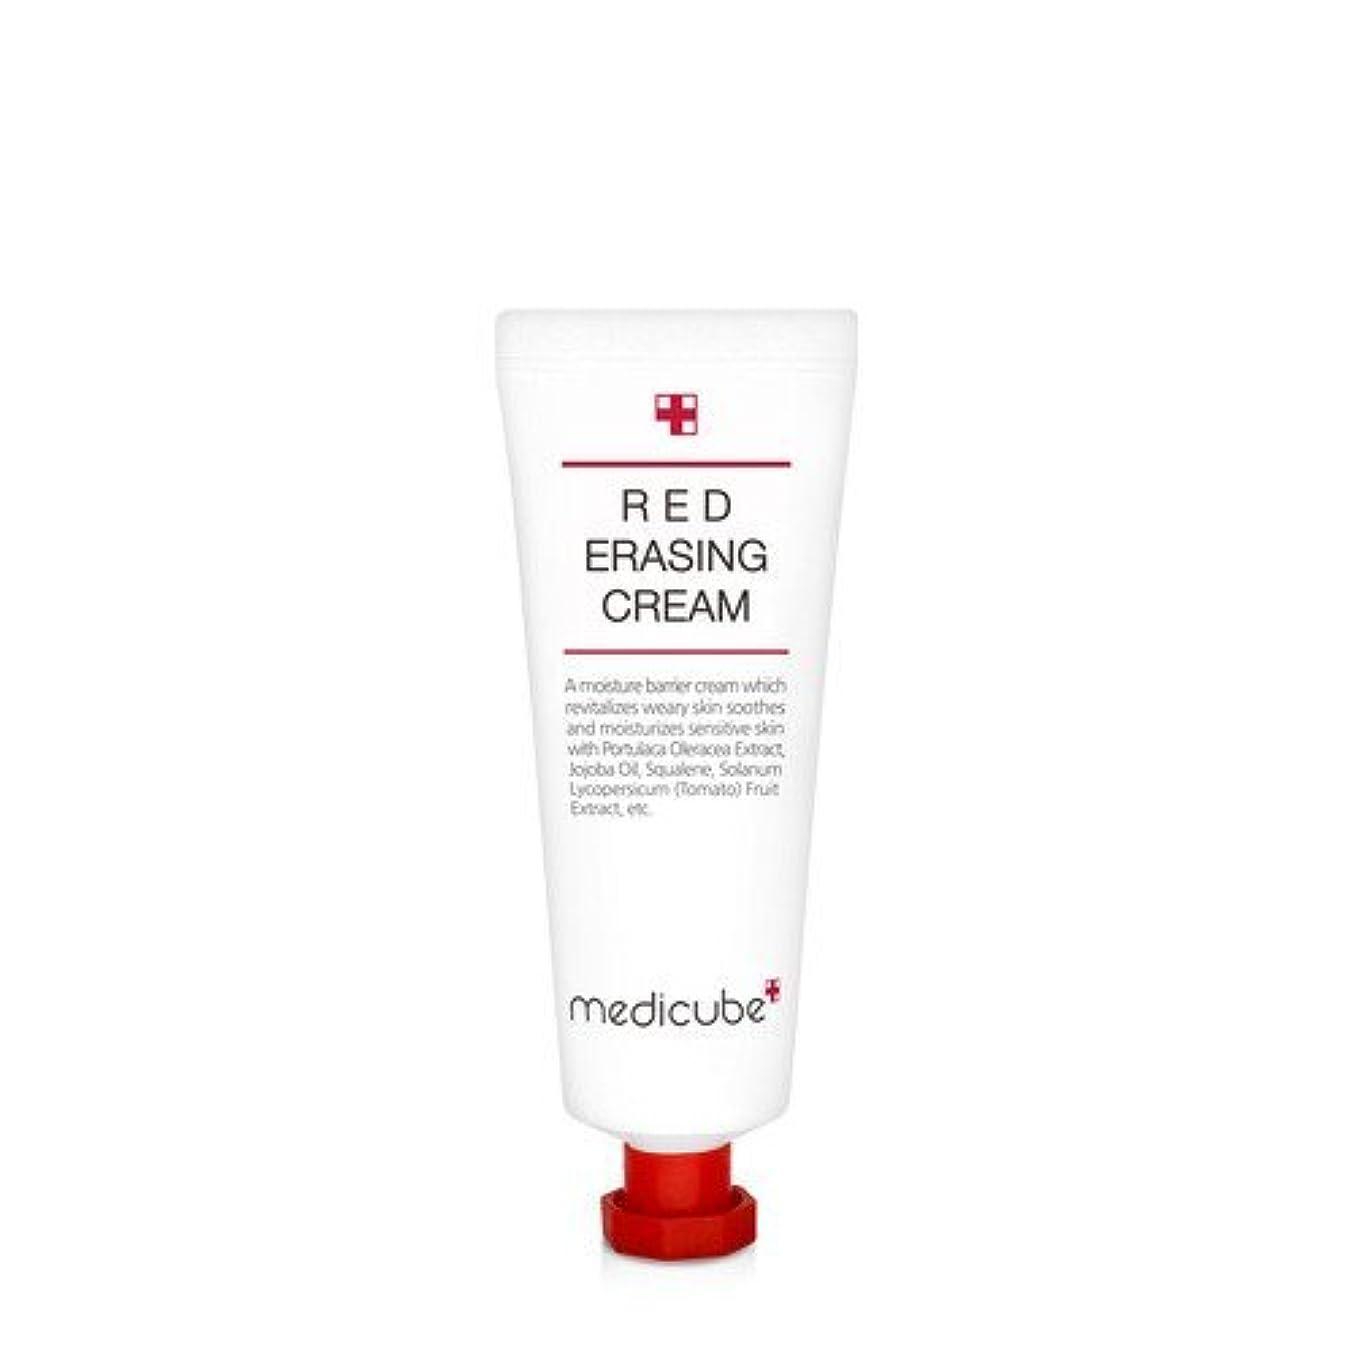 バンクグレード願望[Medicube]Red Erasing Cream 50g / メディキューブレッドイレイジングクリーム / 正品?海外直送商品 [並行輸入品]